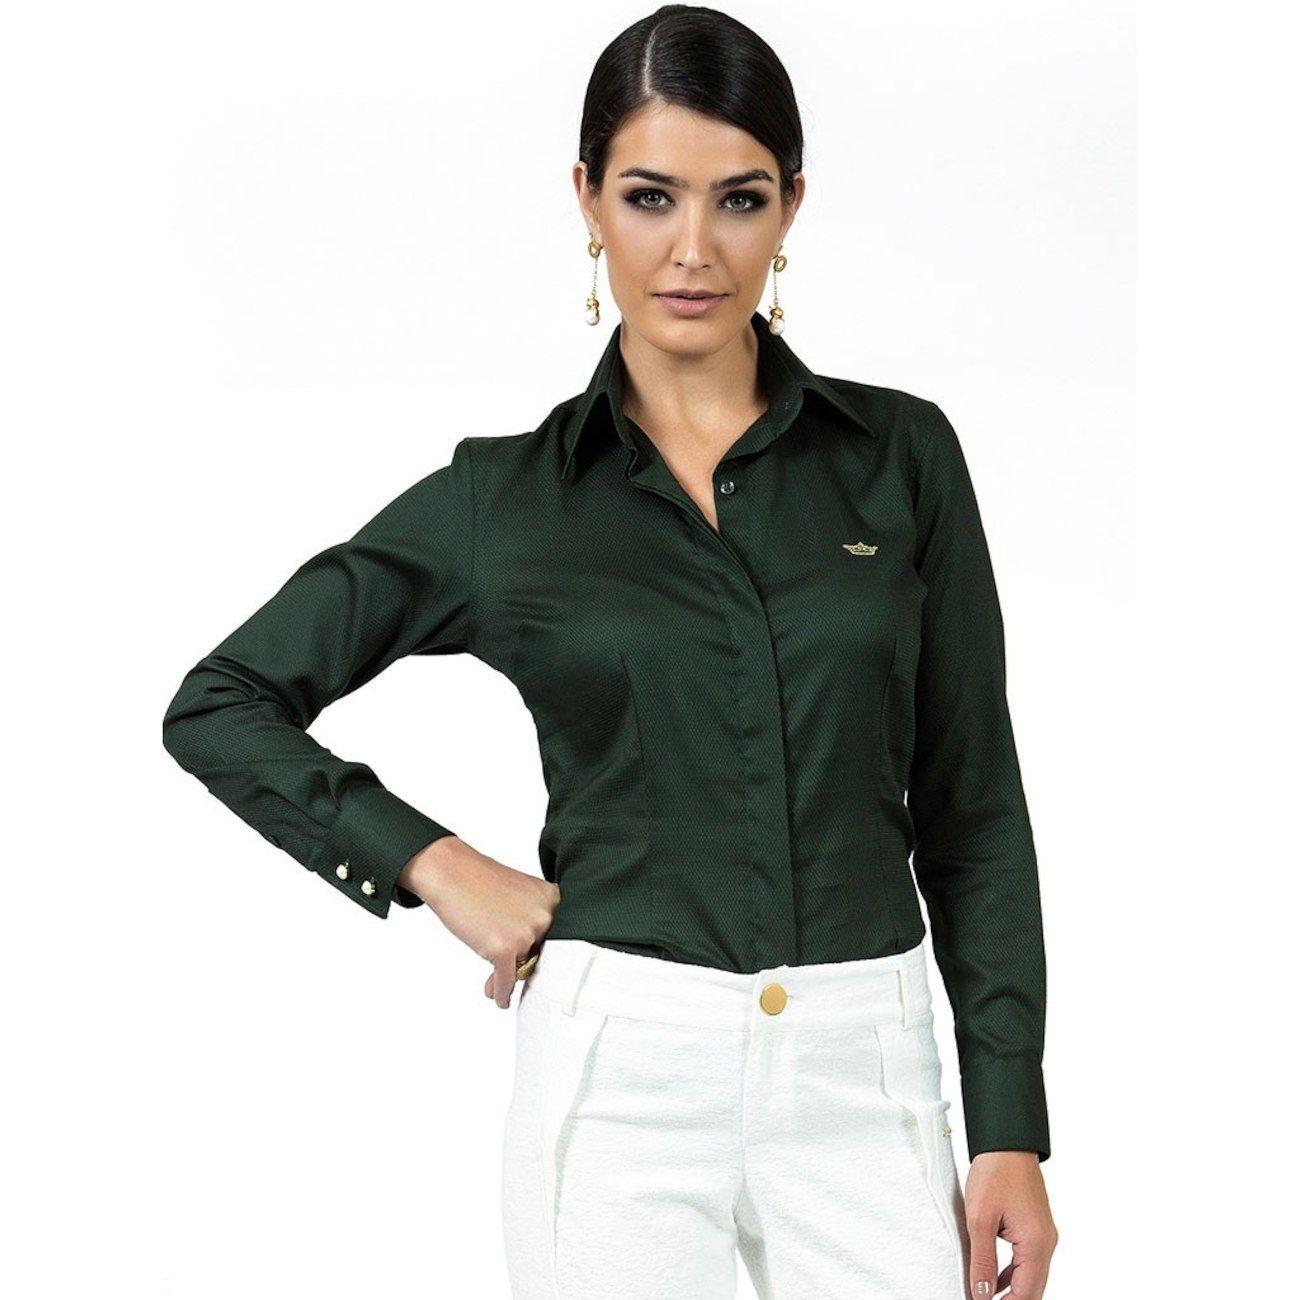 b7e8385f87 Camisa Social Maquinetada Principessa Fátima - Verde  CLIQUE EM VISITAR